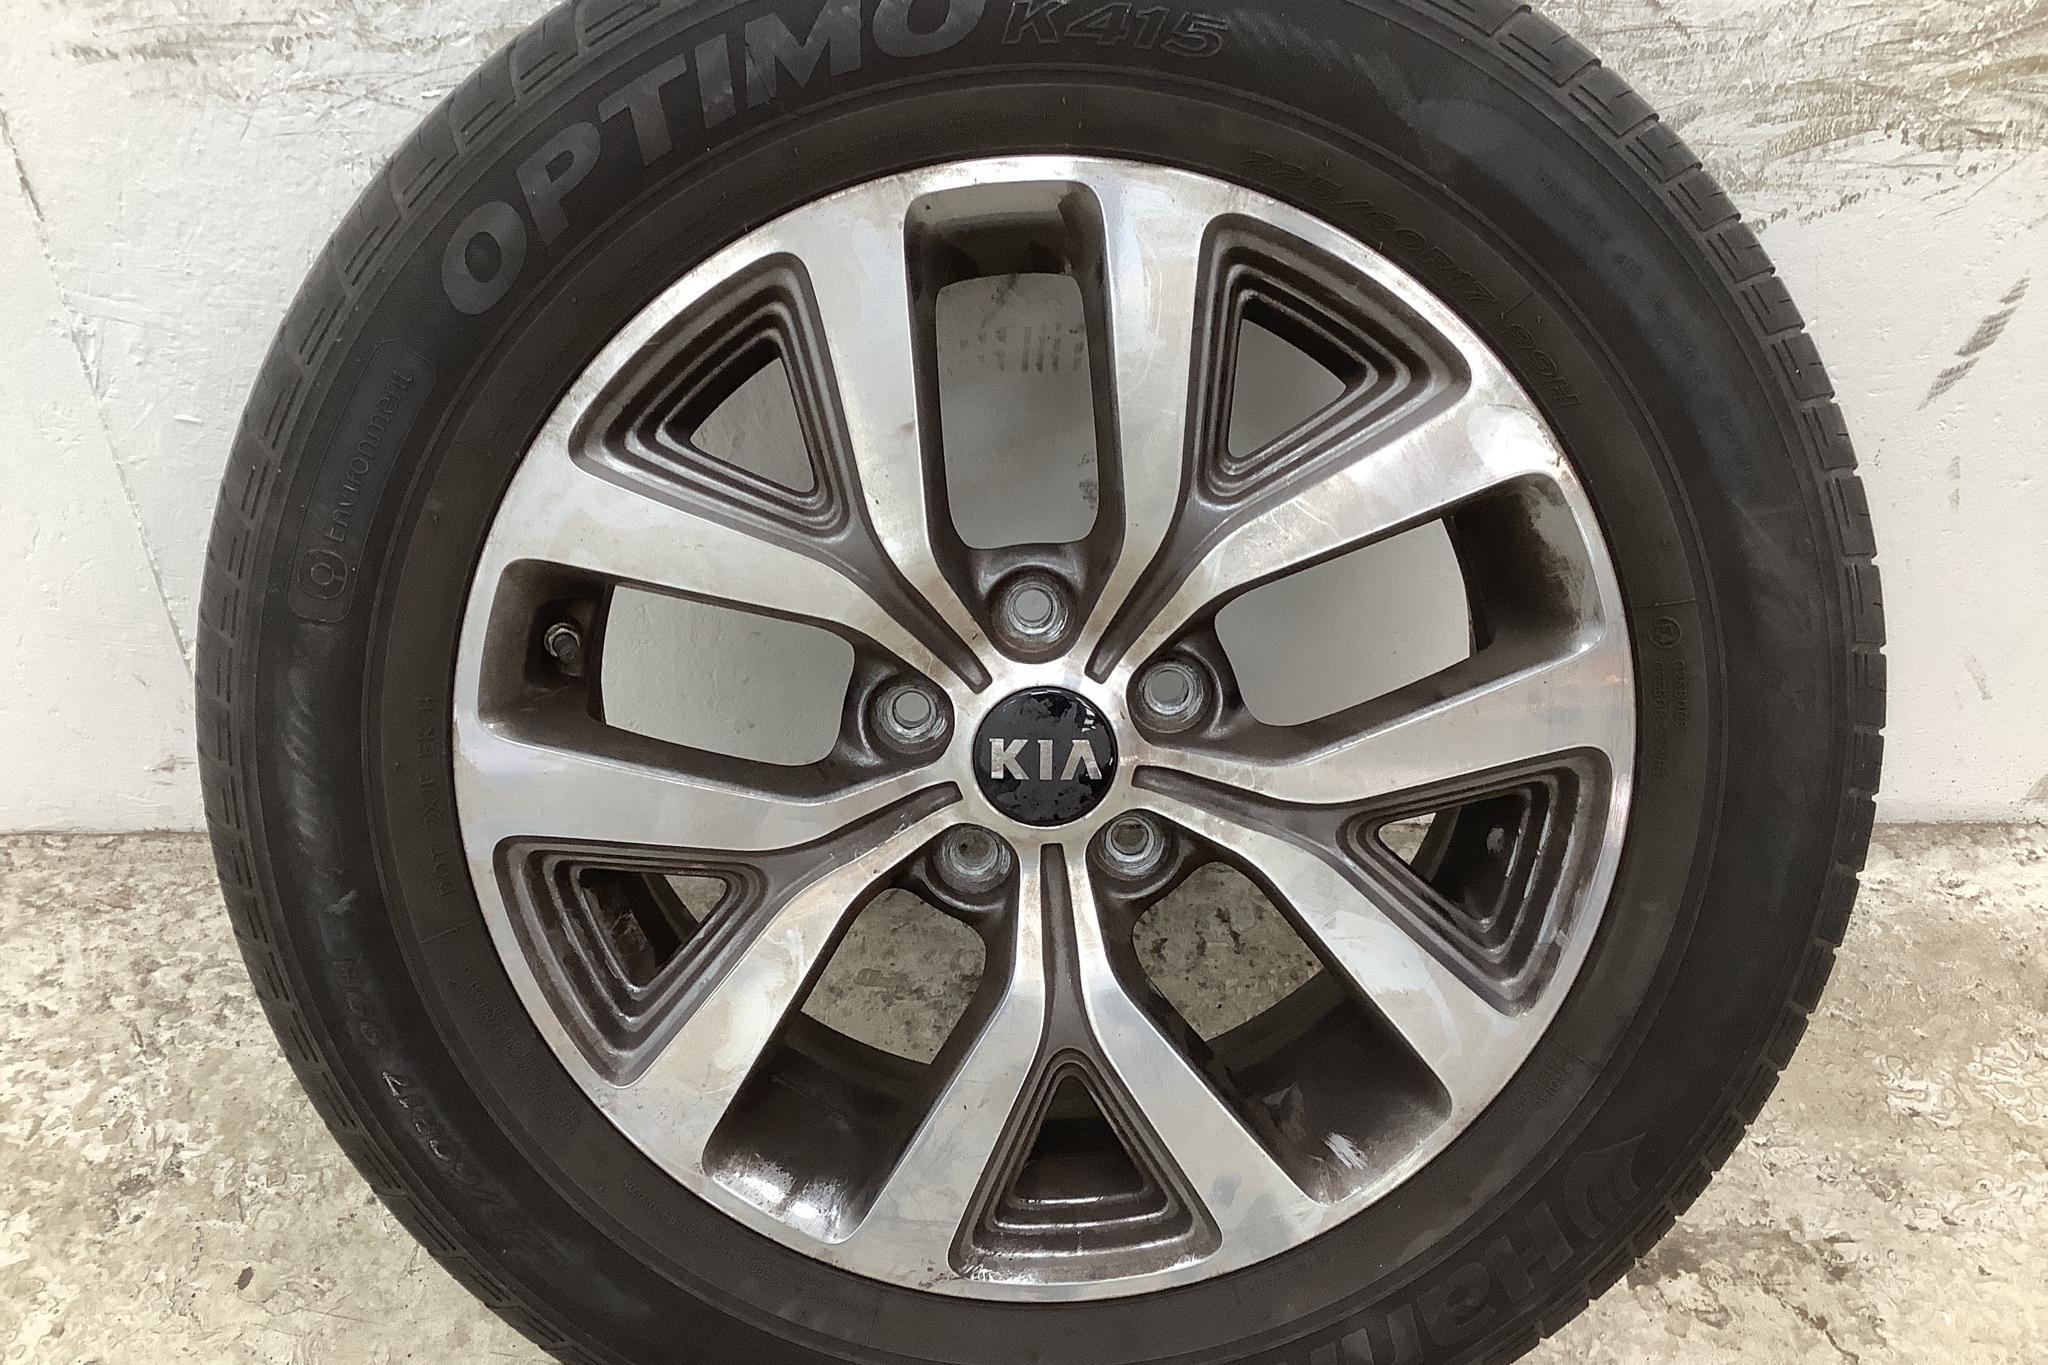 KIA Sportage 1.7 CRDi 2WD (115hk) - 6 640 mil - Manuell - vit - 2015